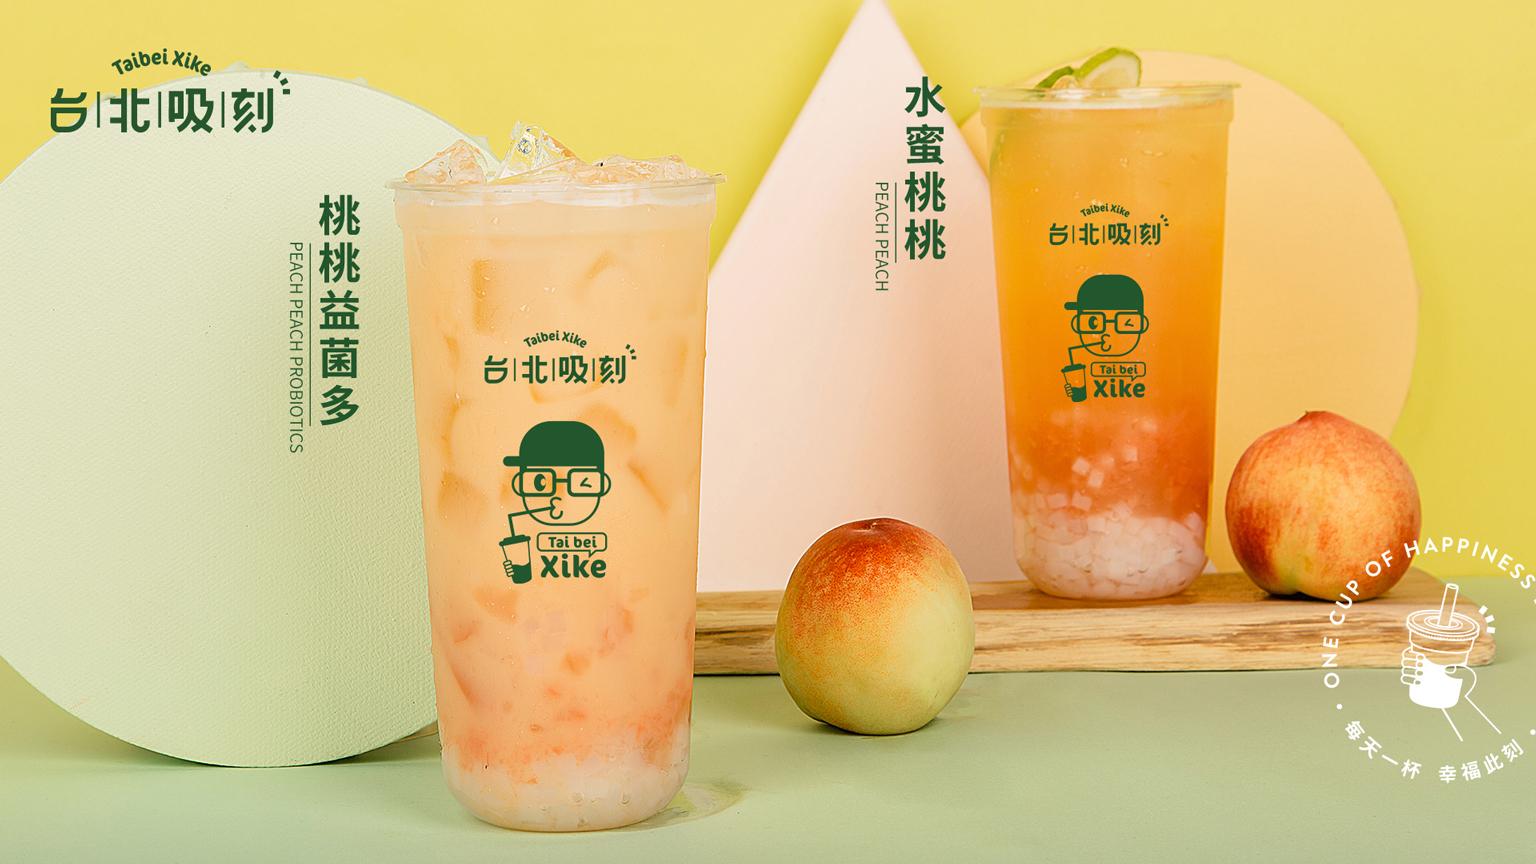 桃桃益菌多+水蜜桃桃